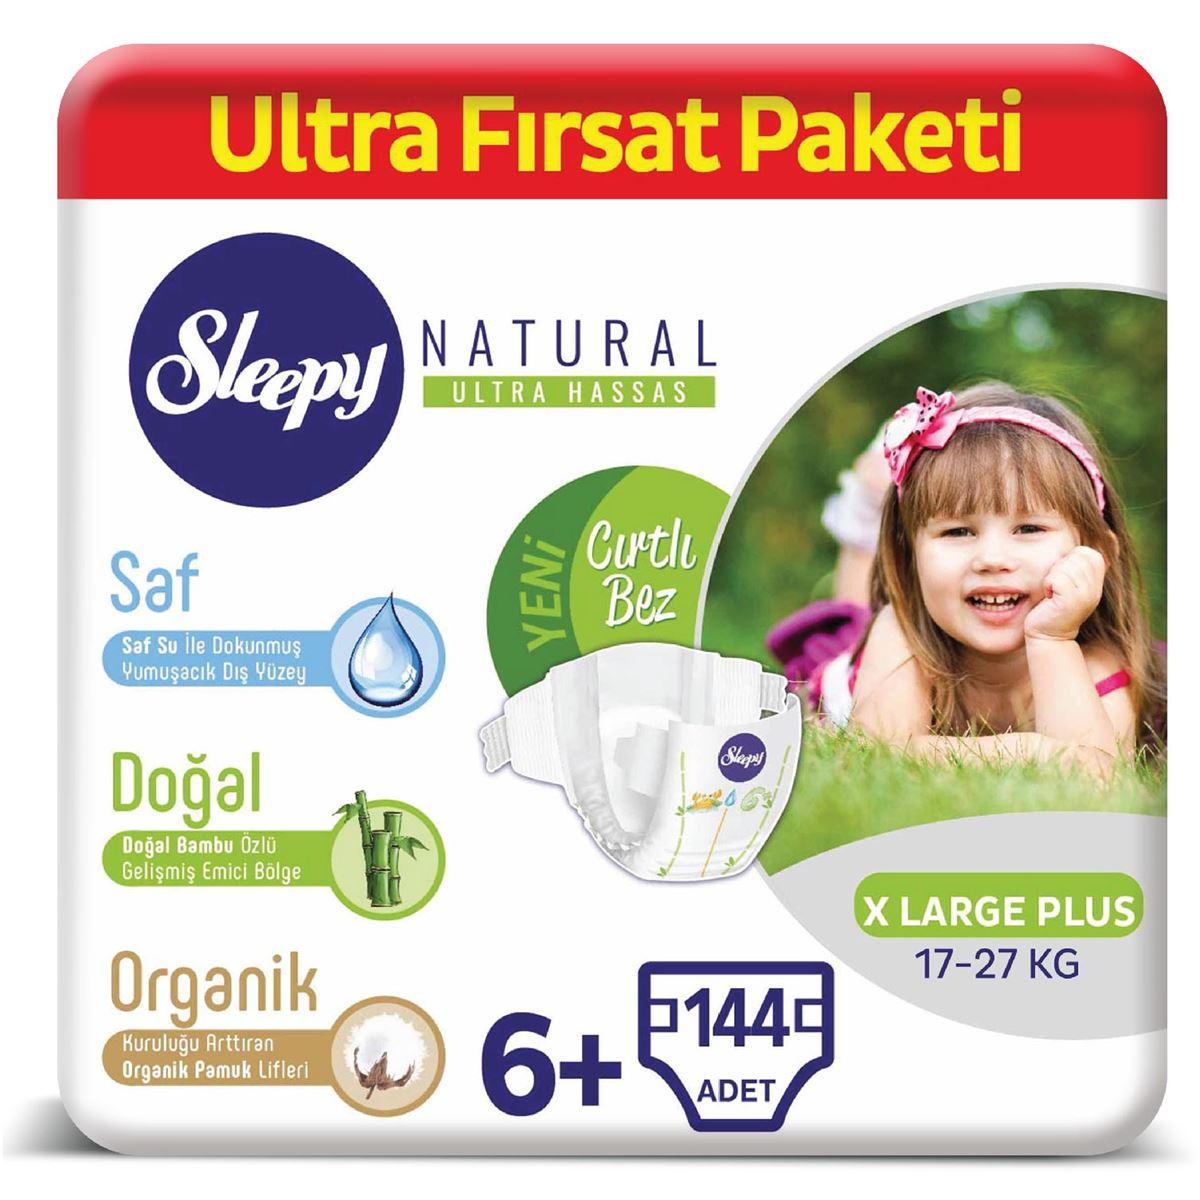 Sleepy Natural Bebek Bezi 6+ Numara Xlarge Plus Ultra Fırsat Paketi 144 Adet